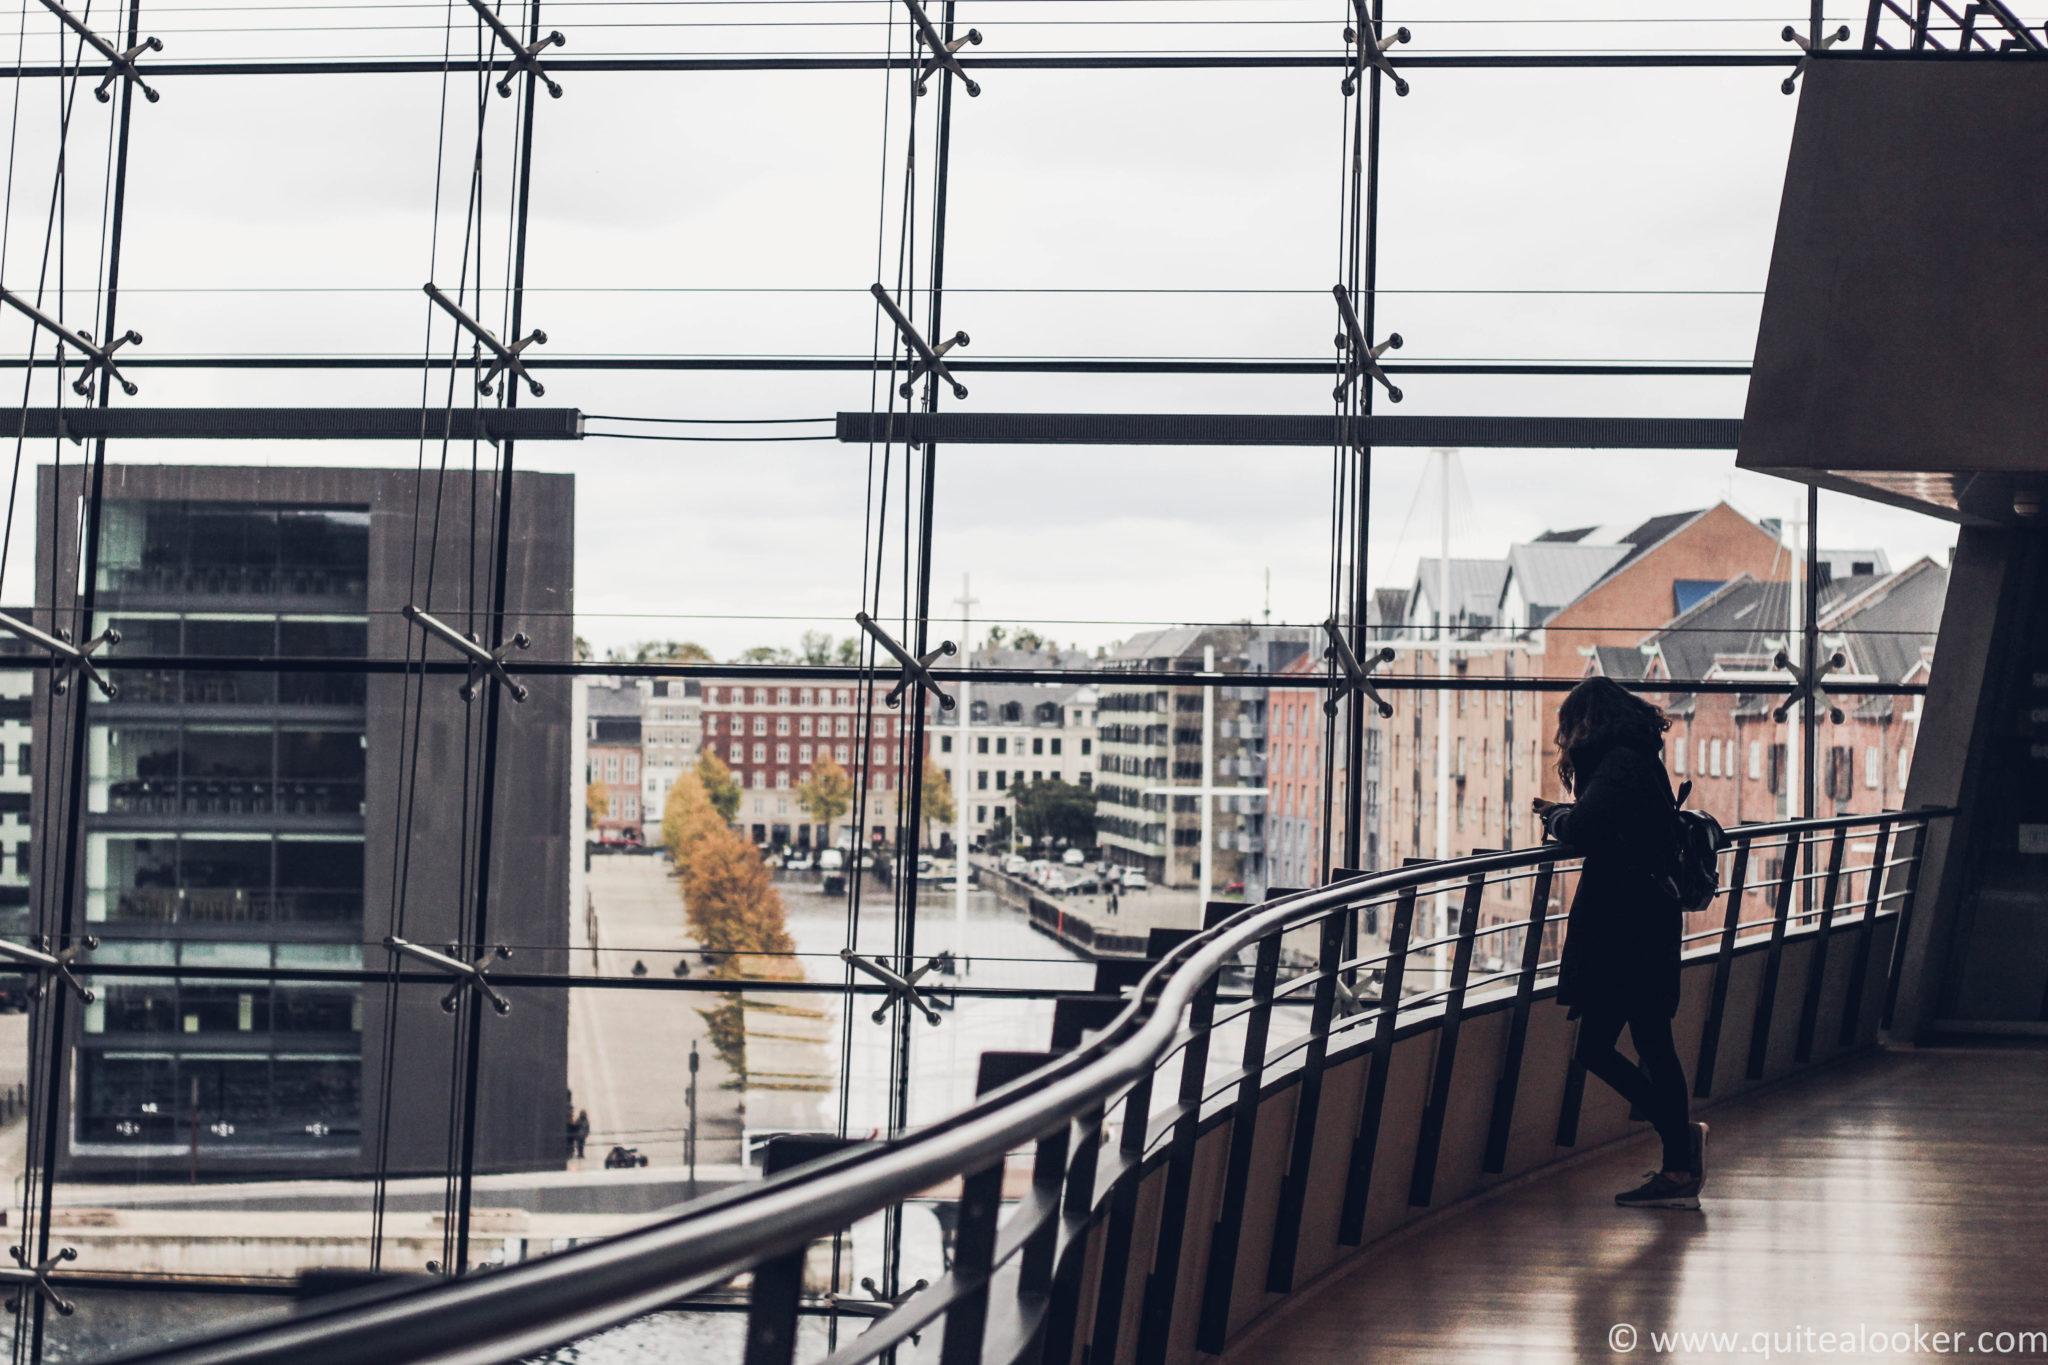 Пътеводител Копенхаген, Дания Какво да посетим в Copenhagen, забележителности в Дания, пътепис Копенхаген, българи в Дания, кула Тарнет, дворец Кристиансборг, кралска библиотека, статуя на малката русалка, Ханс Кристиян Андерсен, Копенхаген през есента, Тиволи